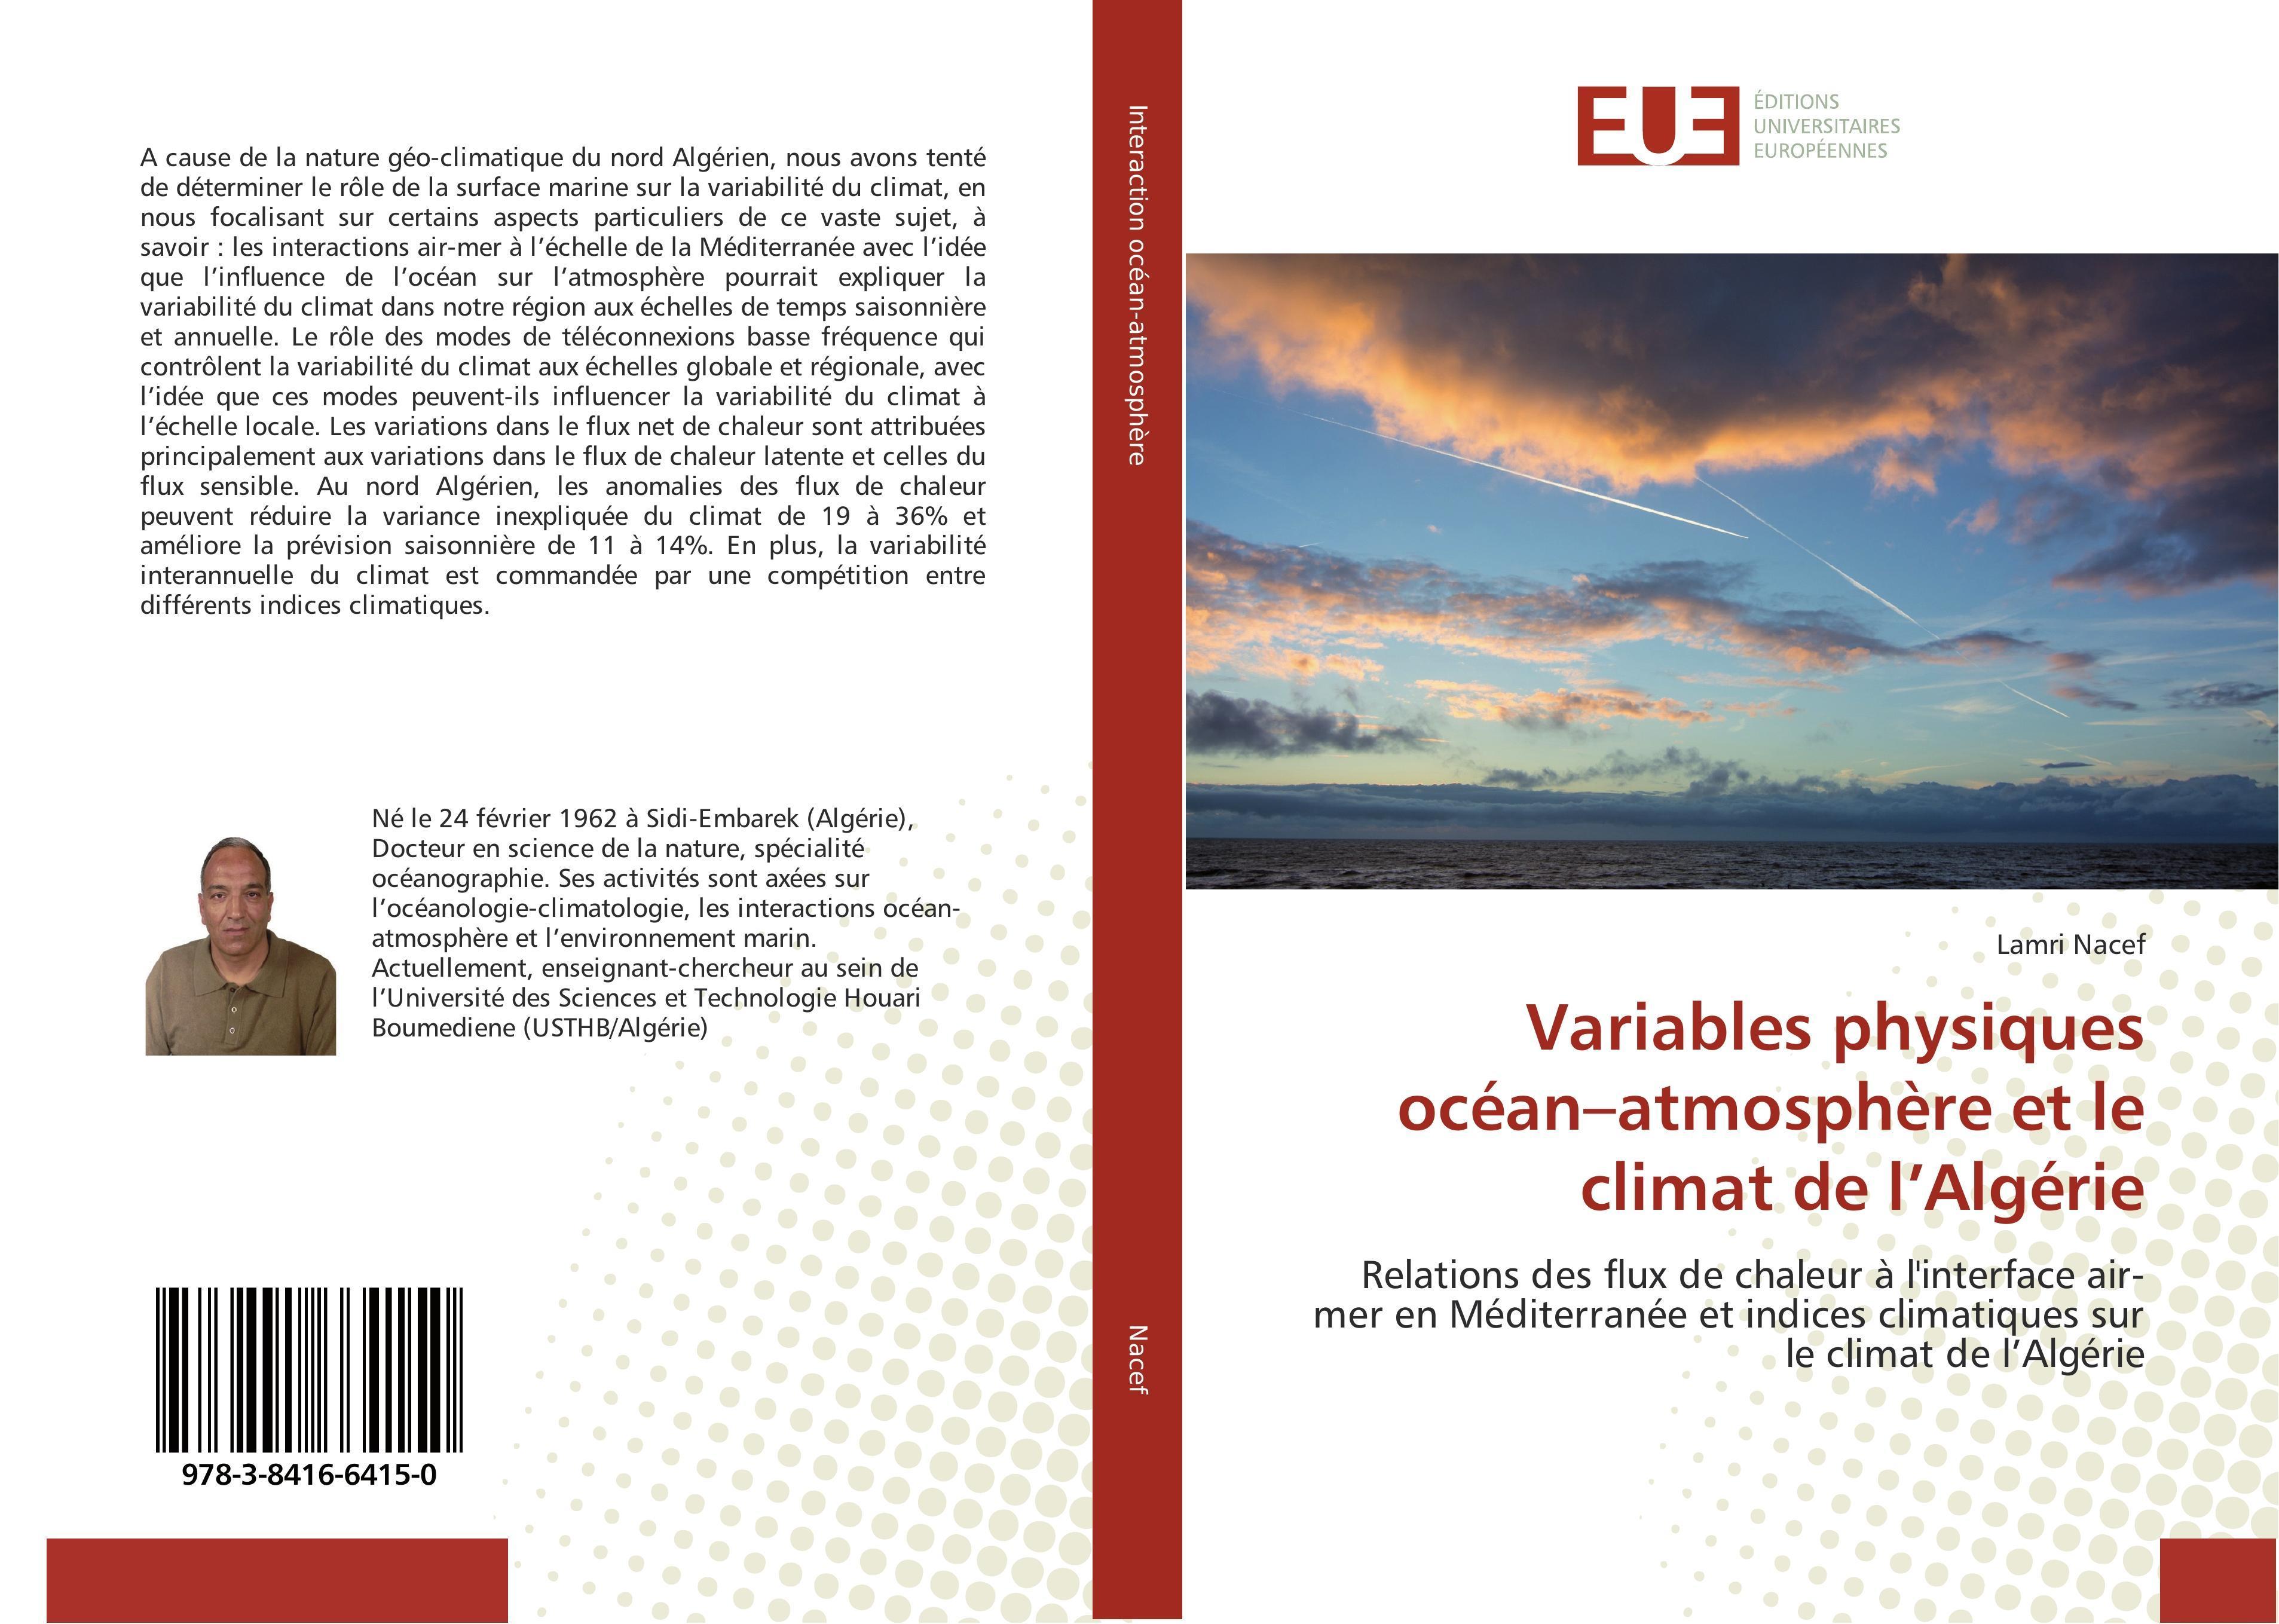 Variables physiques océan-atmosphère et le climat de l'Algér ... 9783841664150